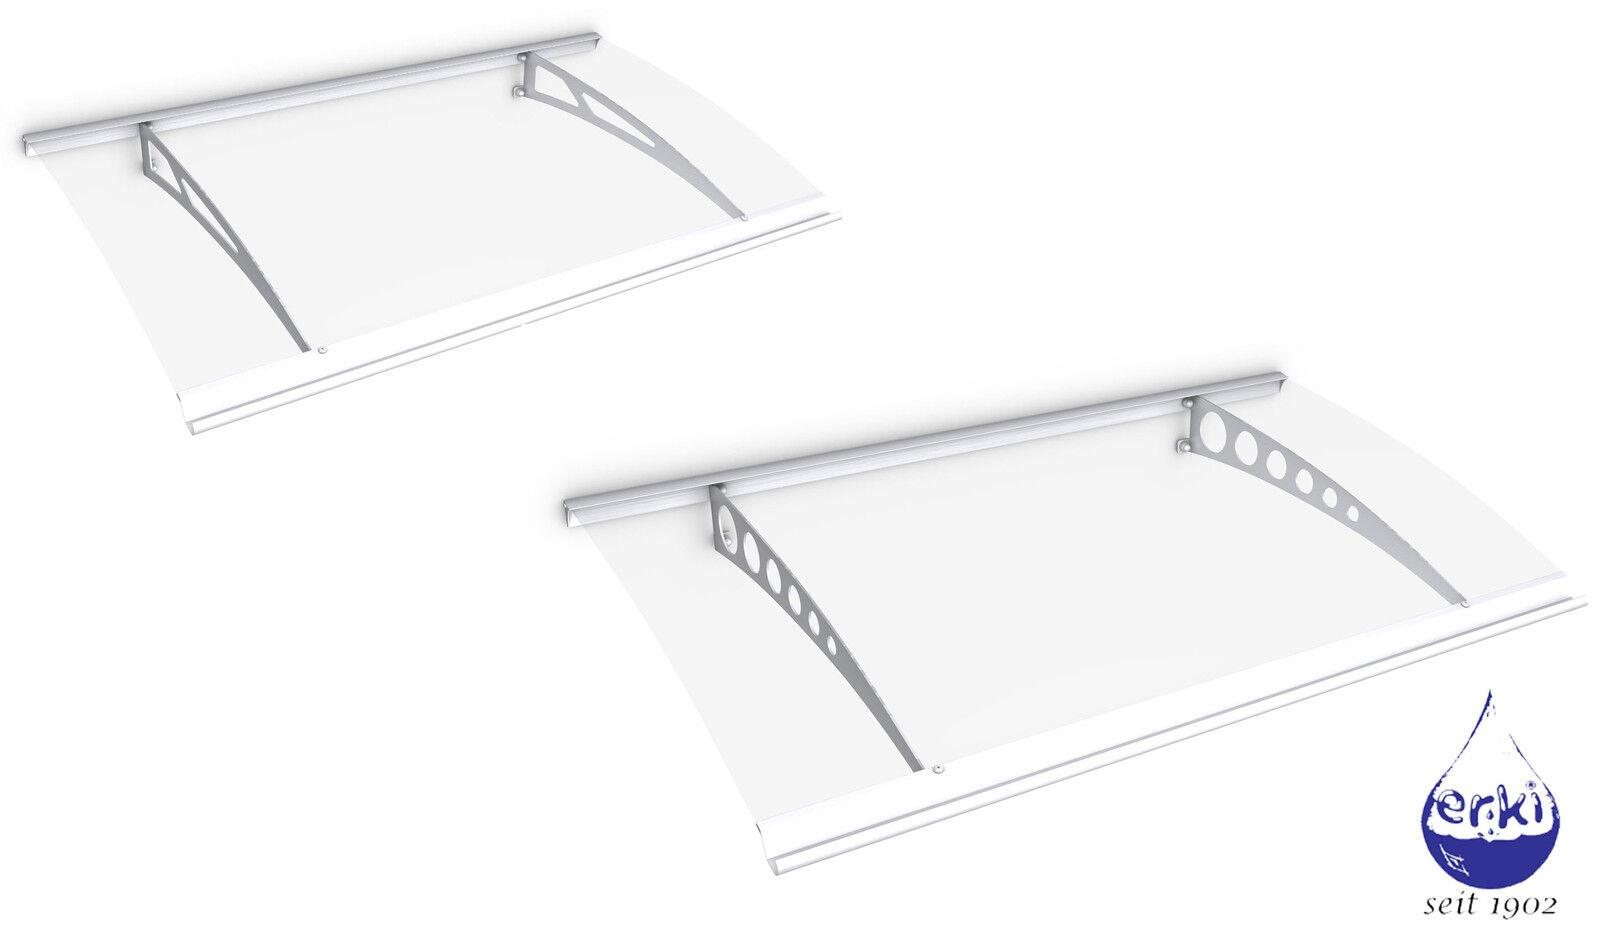 SCHULTE Style Plus Pultbogenvordach mit Alu-Regenrinne